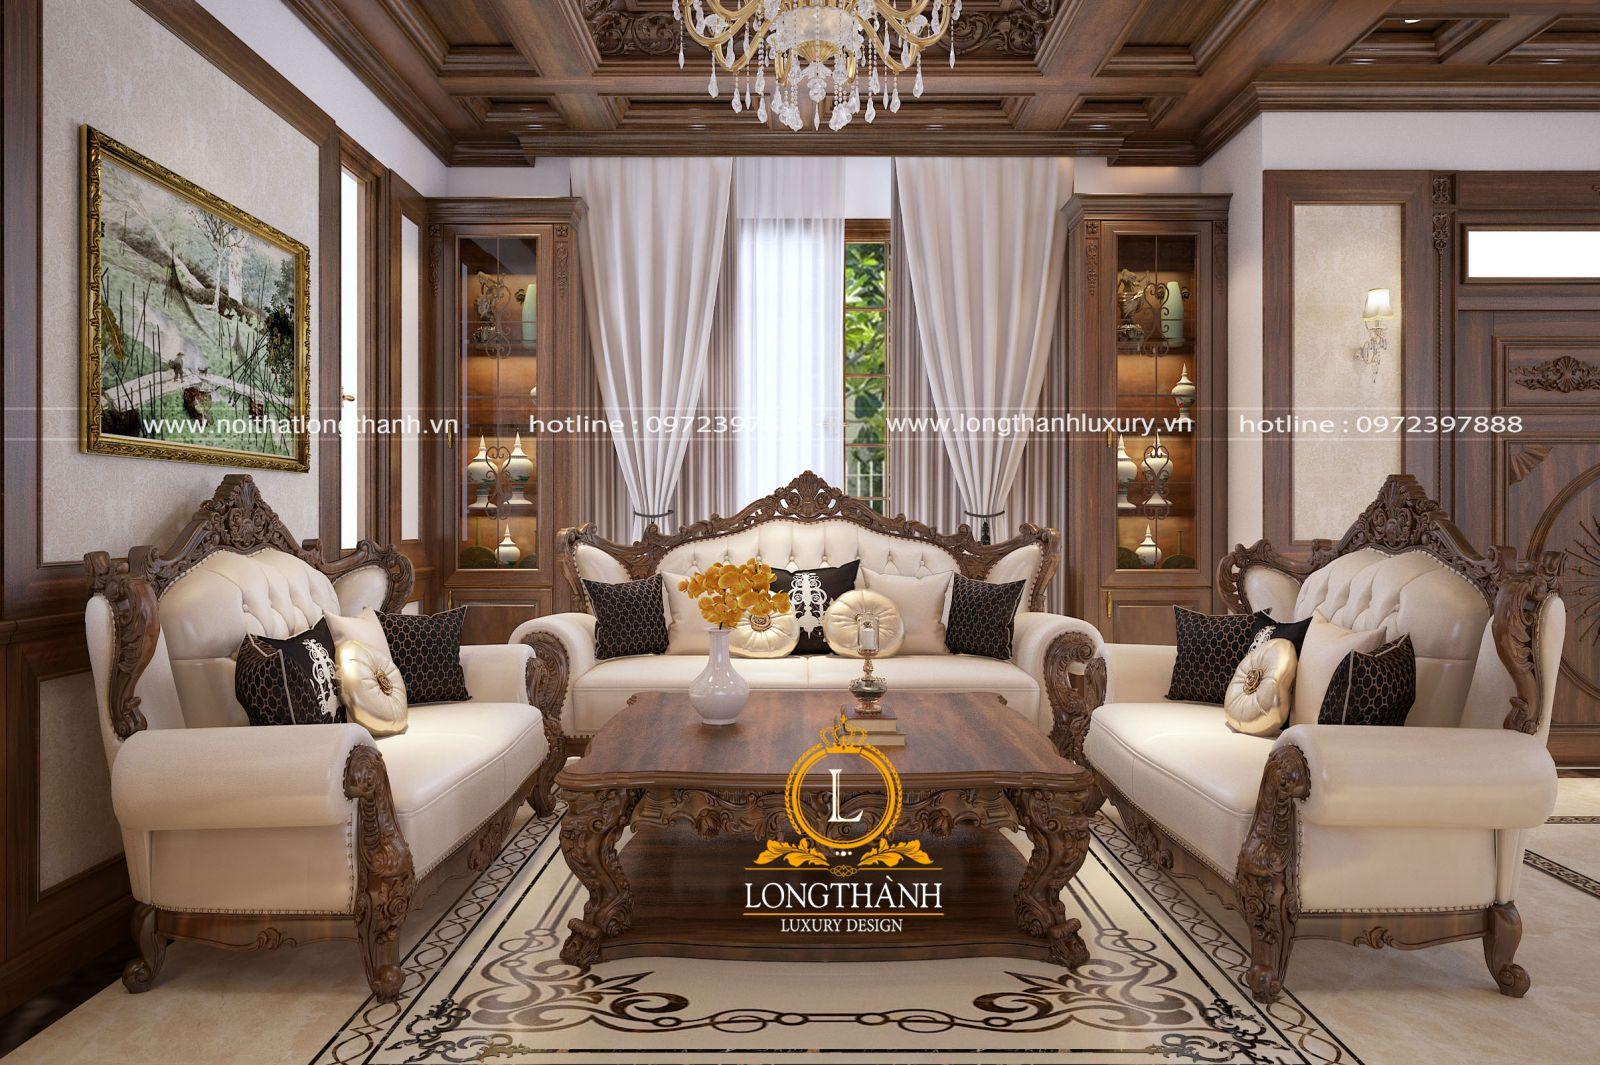 Top [ 9 ] mẫu rèm nâng tầm đẳng cấp cho phòng khách tân cổ điển